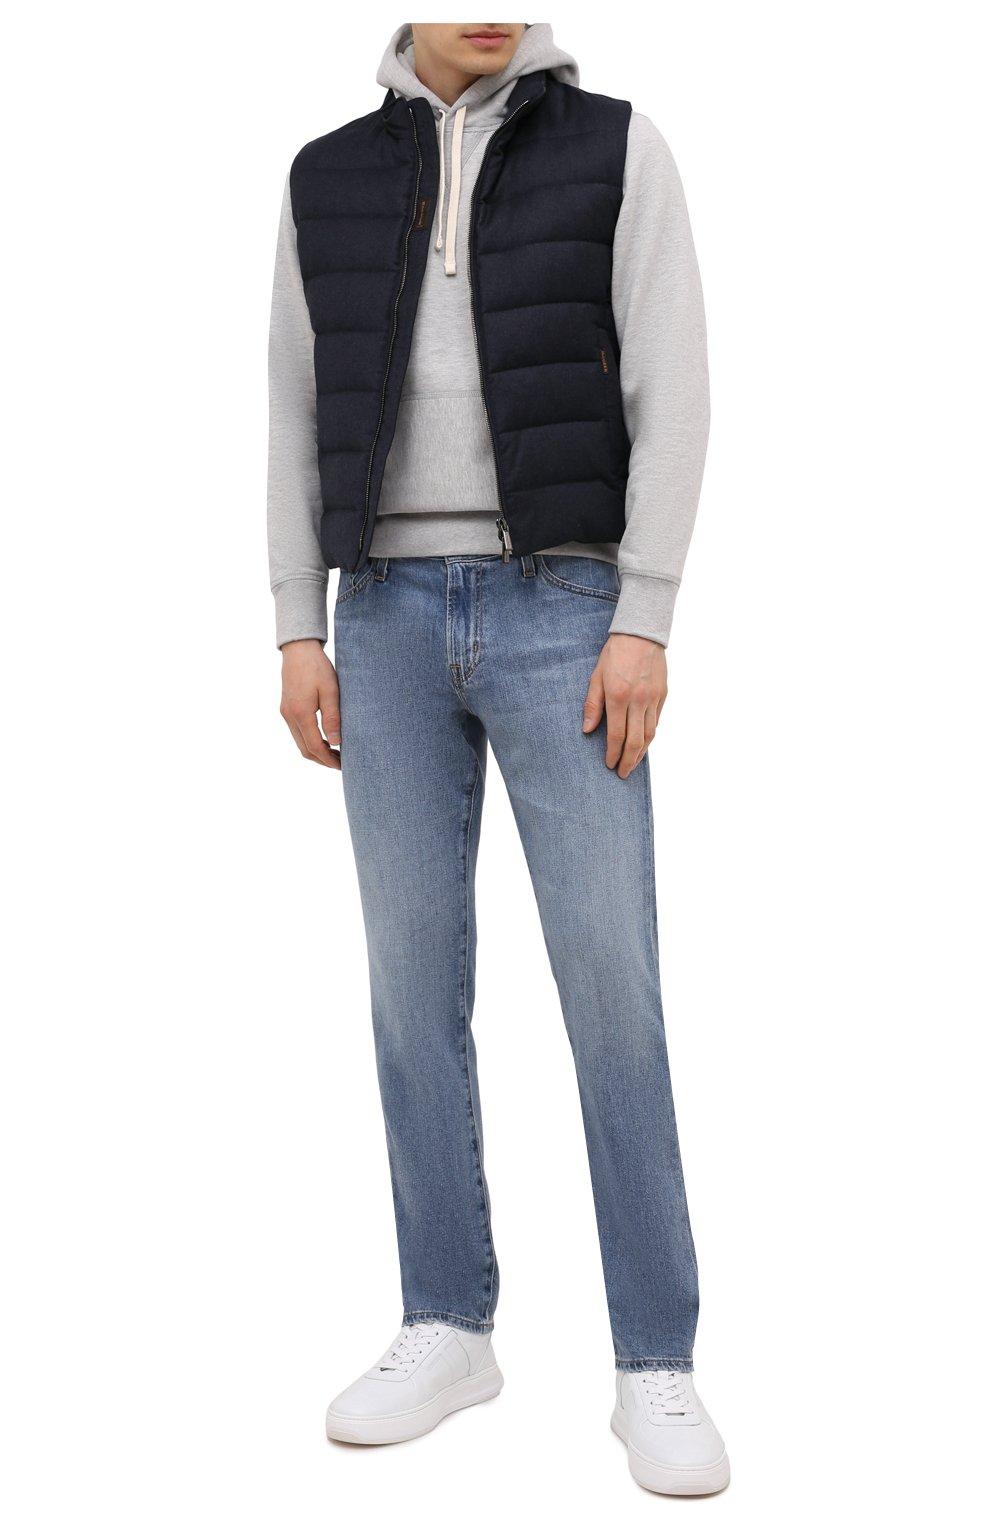 Мужской пуховый жилет oliver-l MOORER синего цвета, арт. 0LIVER-L/M0UGL100050-TEPA217 | Фото 2 (Кросс-КТ: Куртка, Пуховик; Материал внешний: Шерсть; Материал подклада: Синтетический материал; Длина (верхняя одежда): Короткие; Материал утеплителя: Пух и перо; Стили: Кэжуэл)